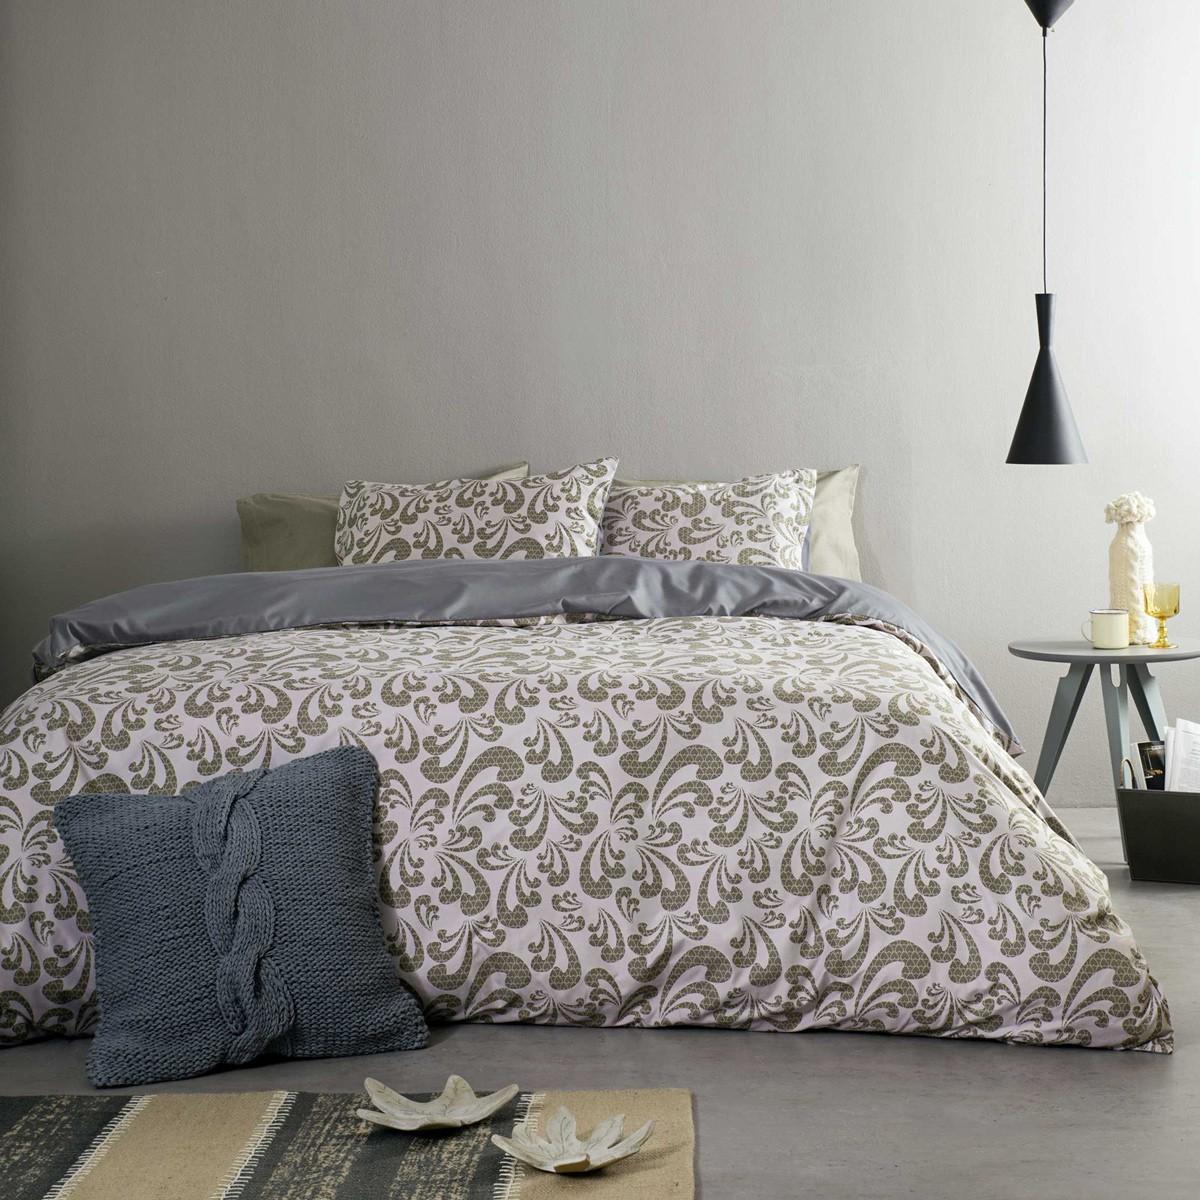 Παπλωματοθήκη Υπέρδιπλη (Σετ) Nima Bed Linen Soreno